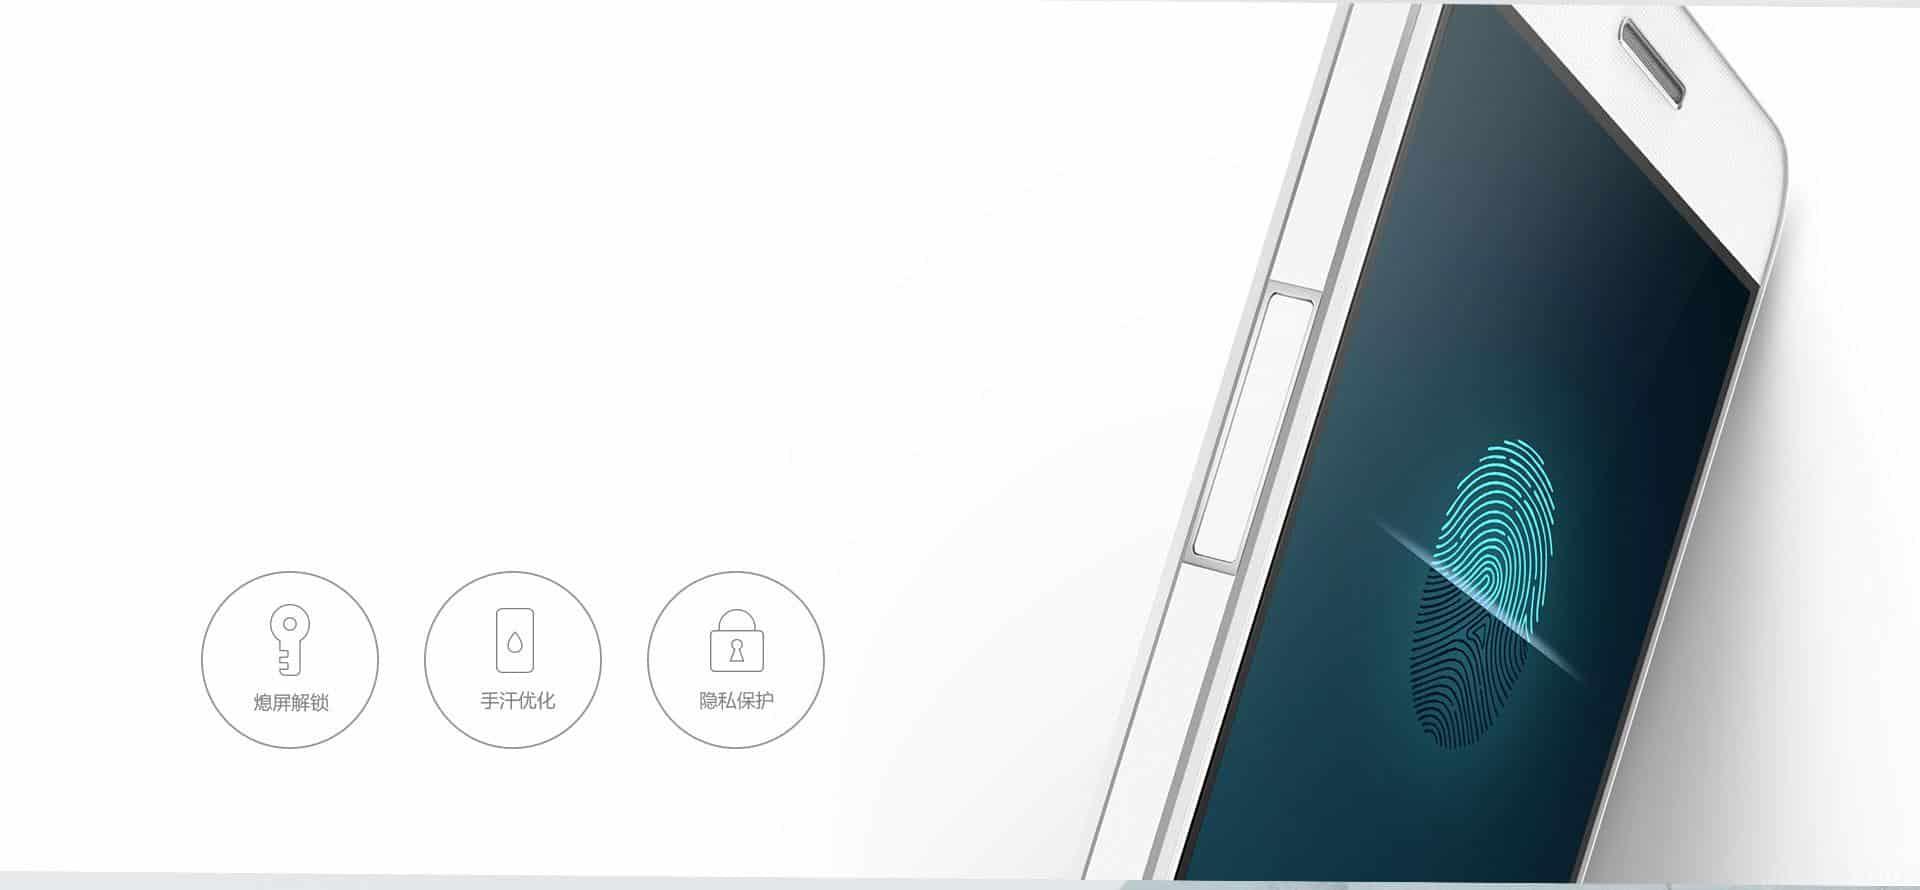 Huawei Honor 7i 5